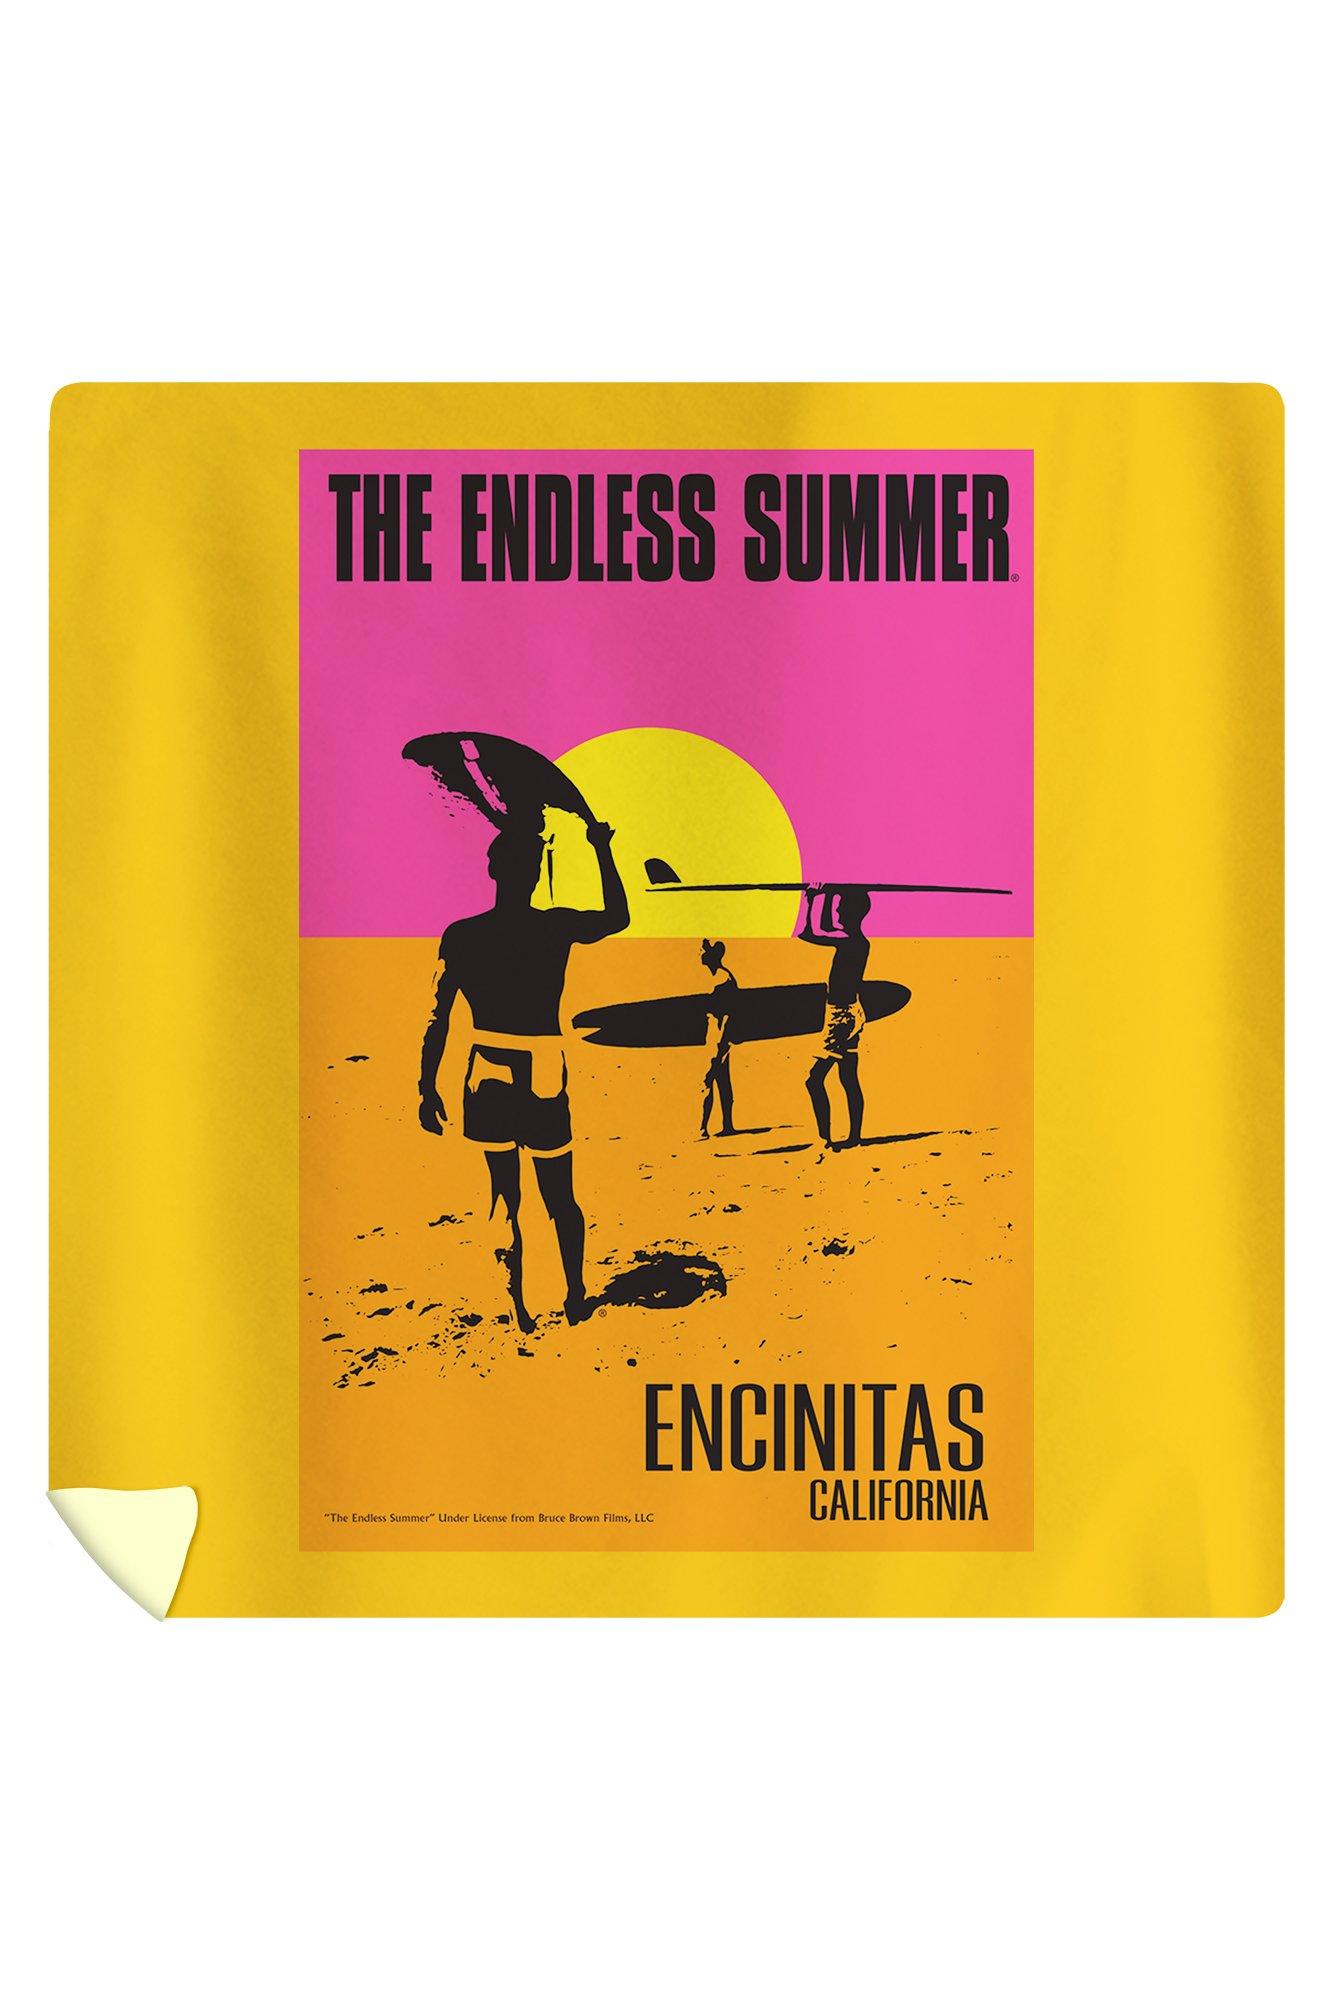 Encinitas, California - The Endless Summer - Original Movie Poster (88x88 Queen Microfiber Duvet Cover)